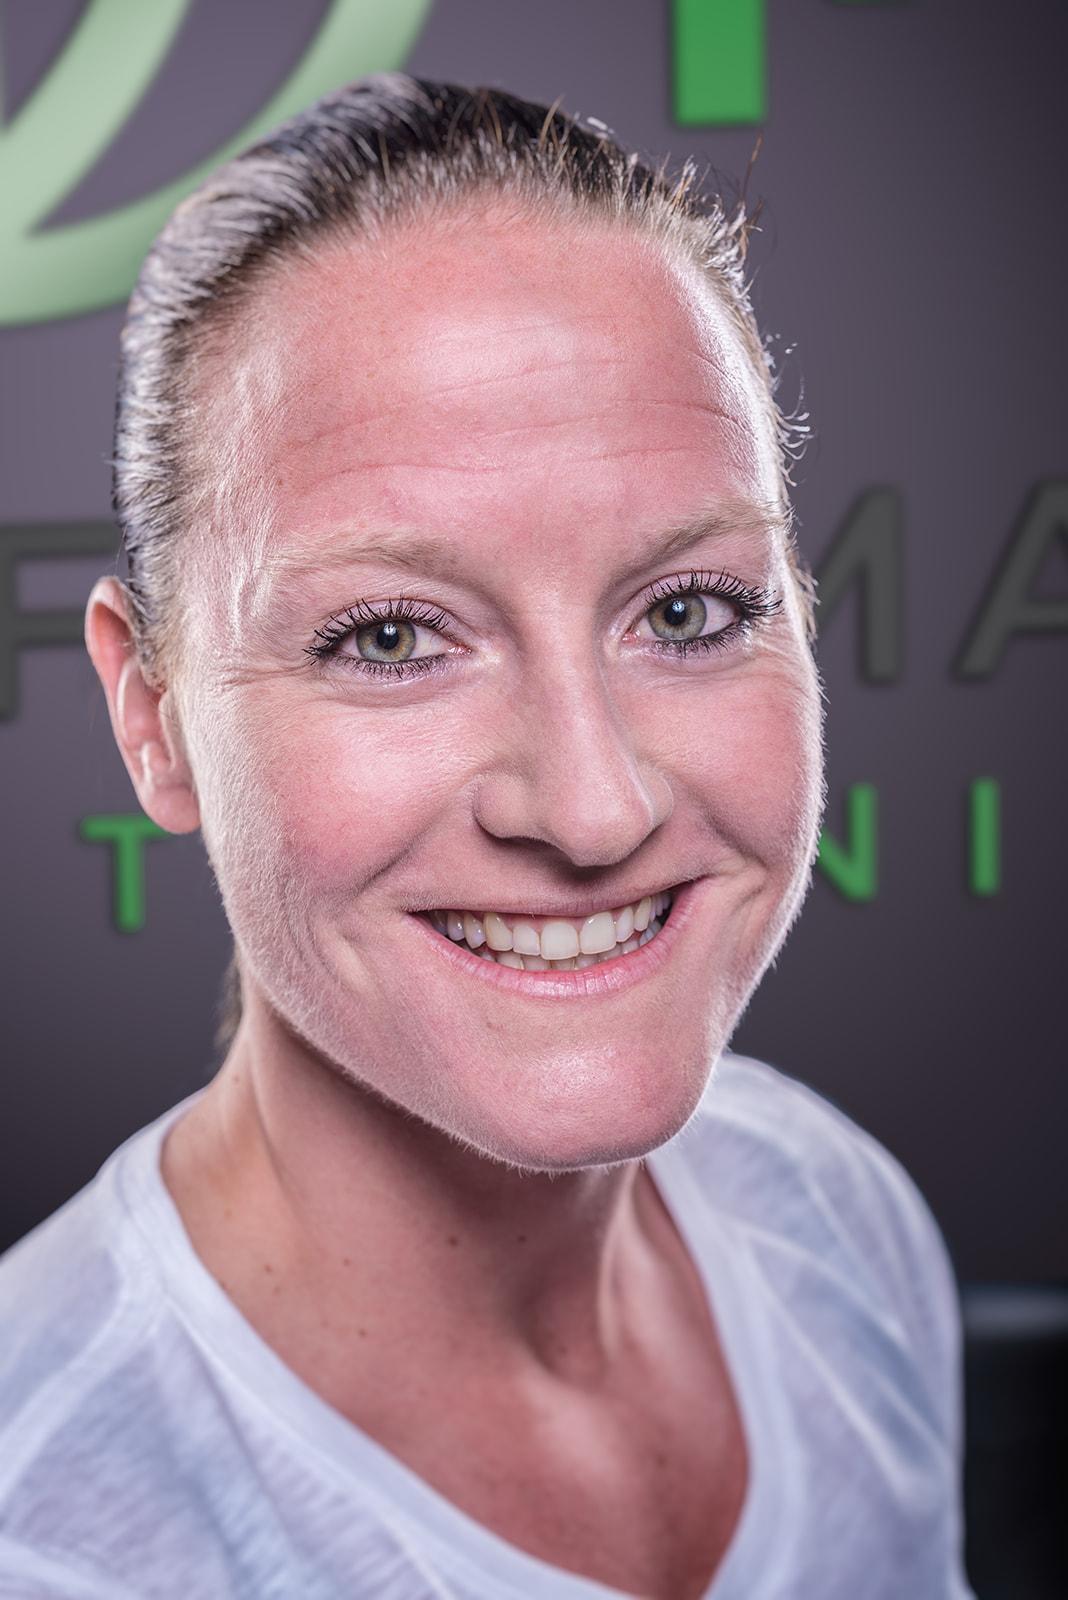 Kate Vink